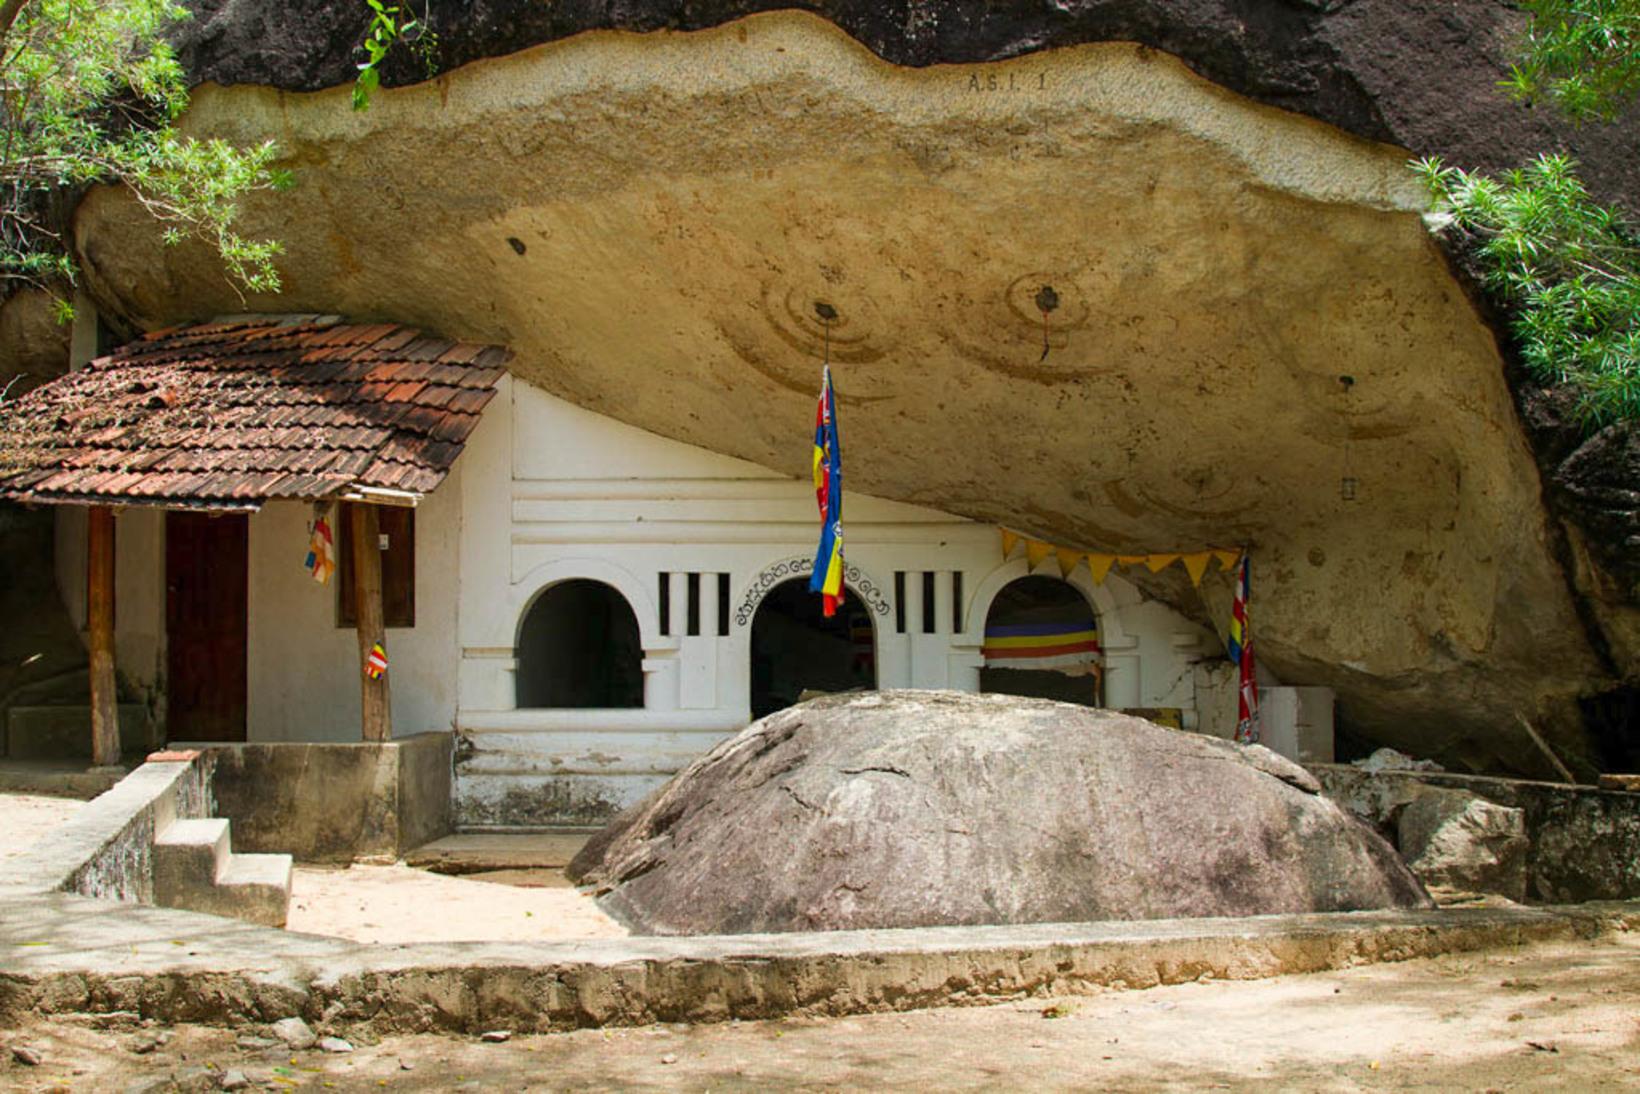 Kudumbigala Forest Hermitage, Lahugala